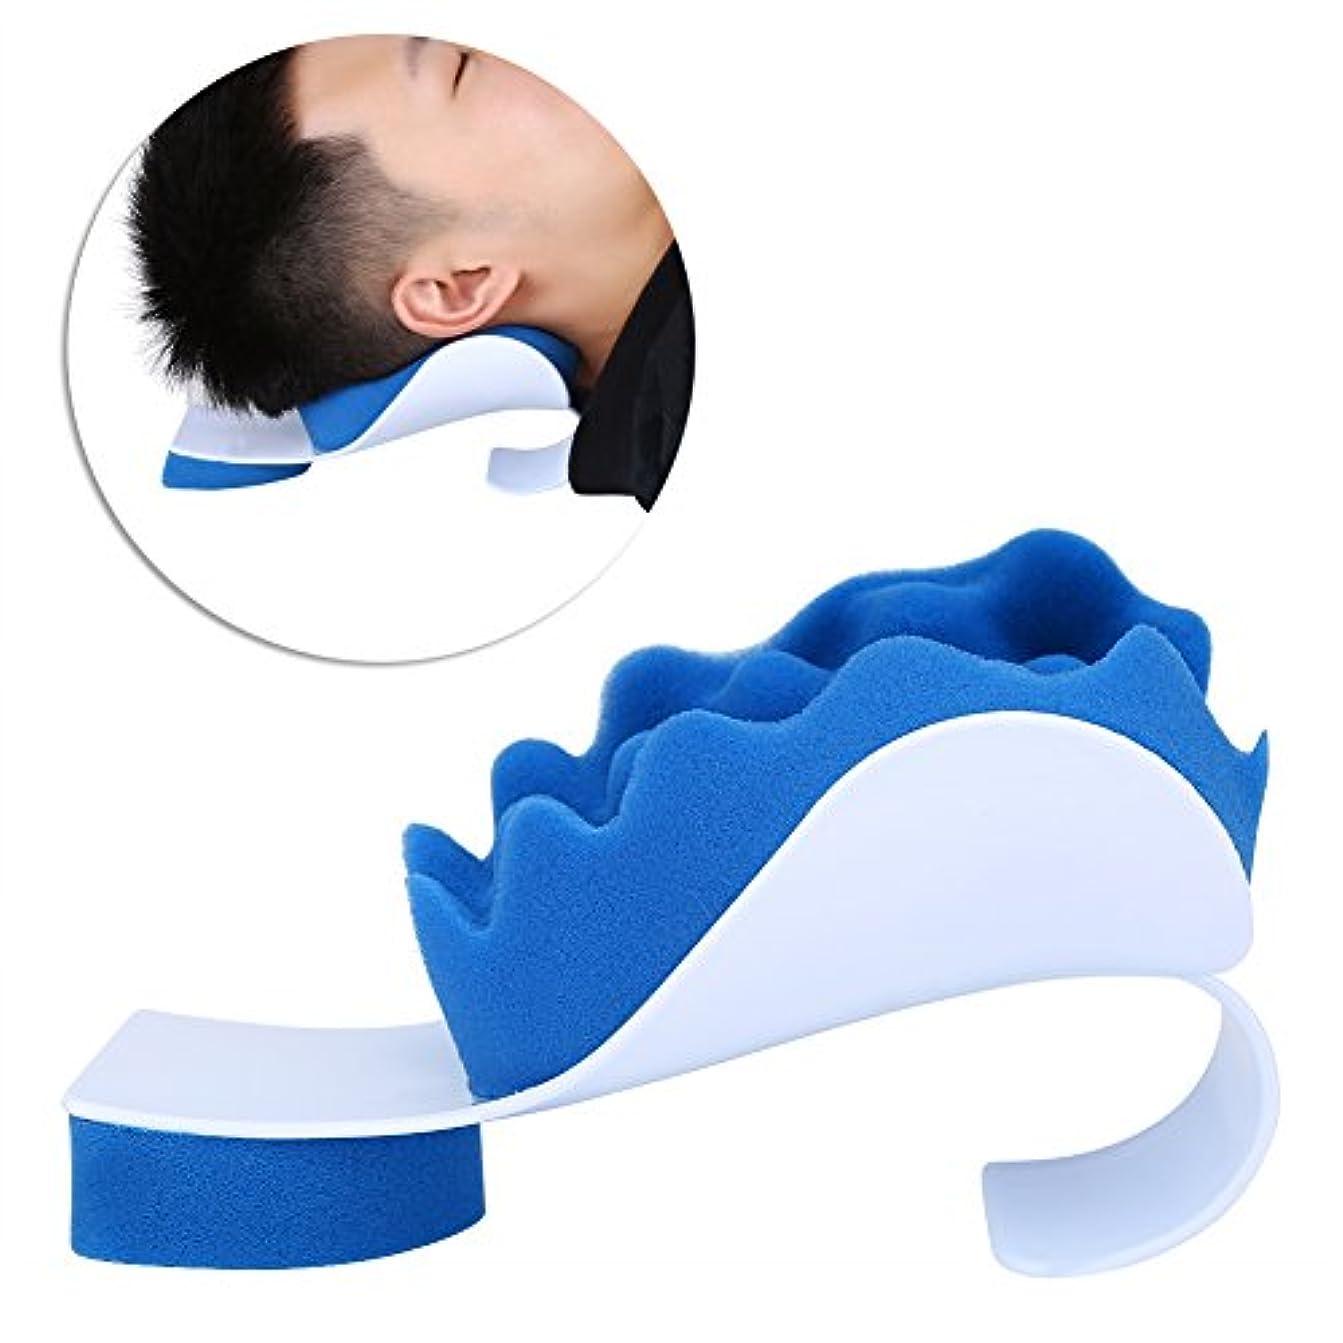 つかむパスポートエレベーターマッサージ枕 首ストレッチャー ネック枕 ツボ押し リラックス ストレス解消 頚椎/首筋矯正 首筋押圧 肩こり 首こり 改善